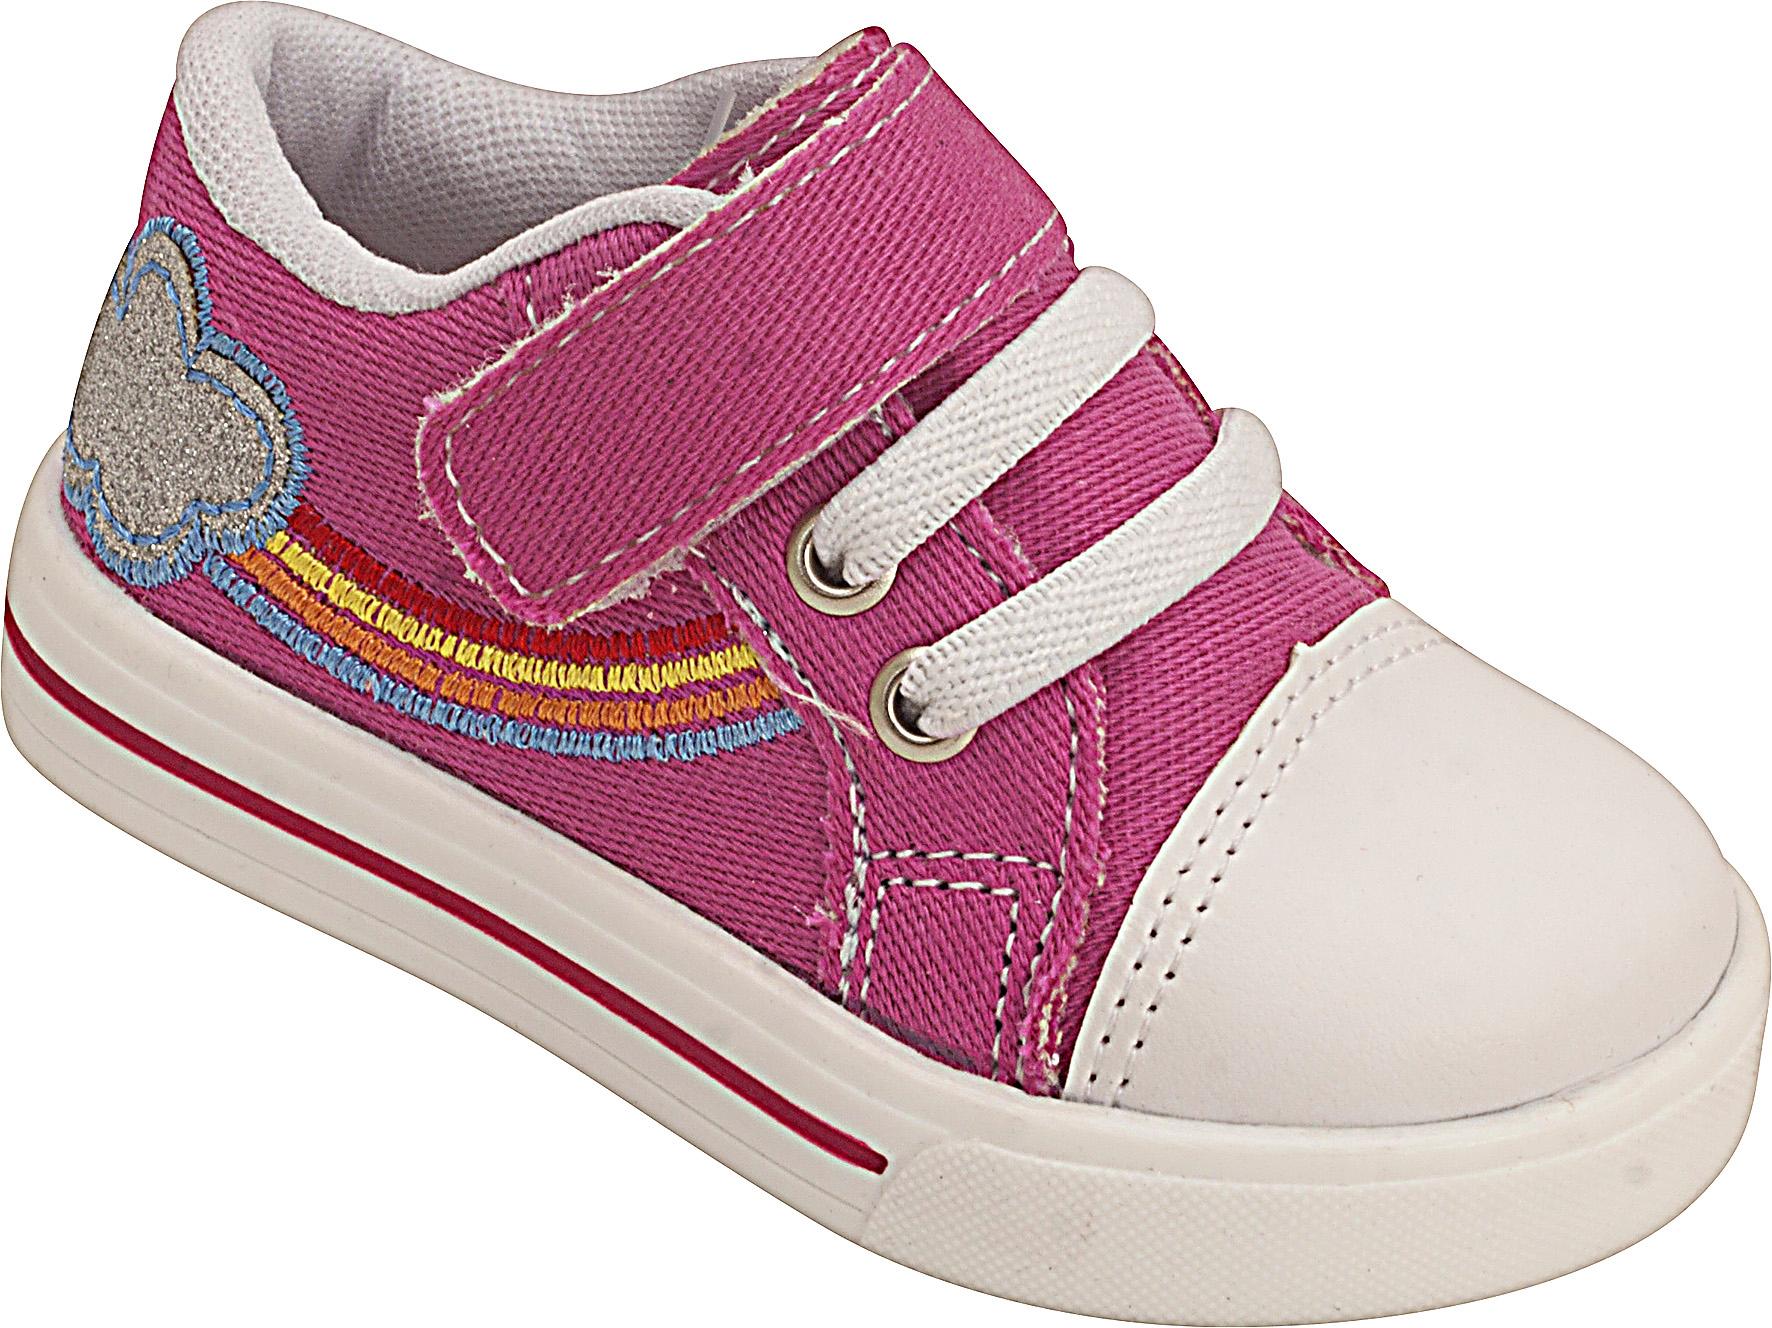 A2-20-12023 Pink